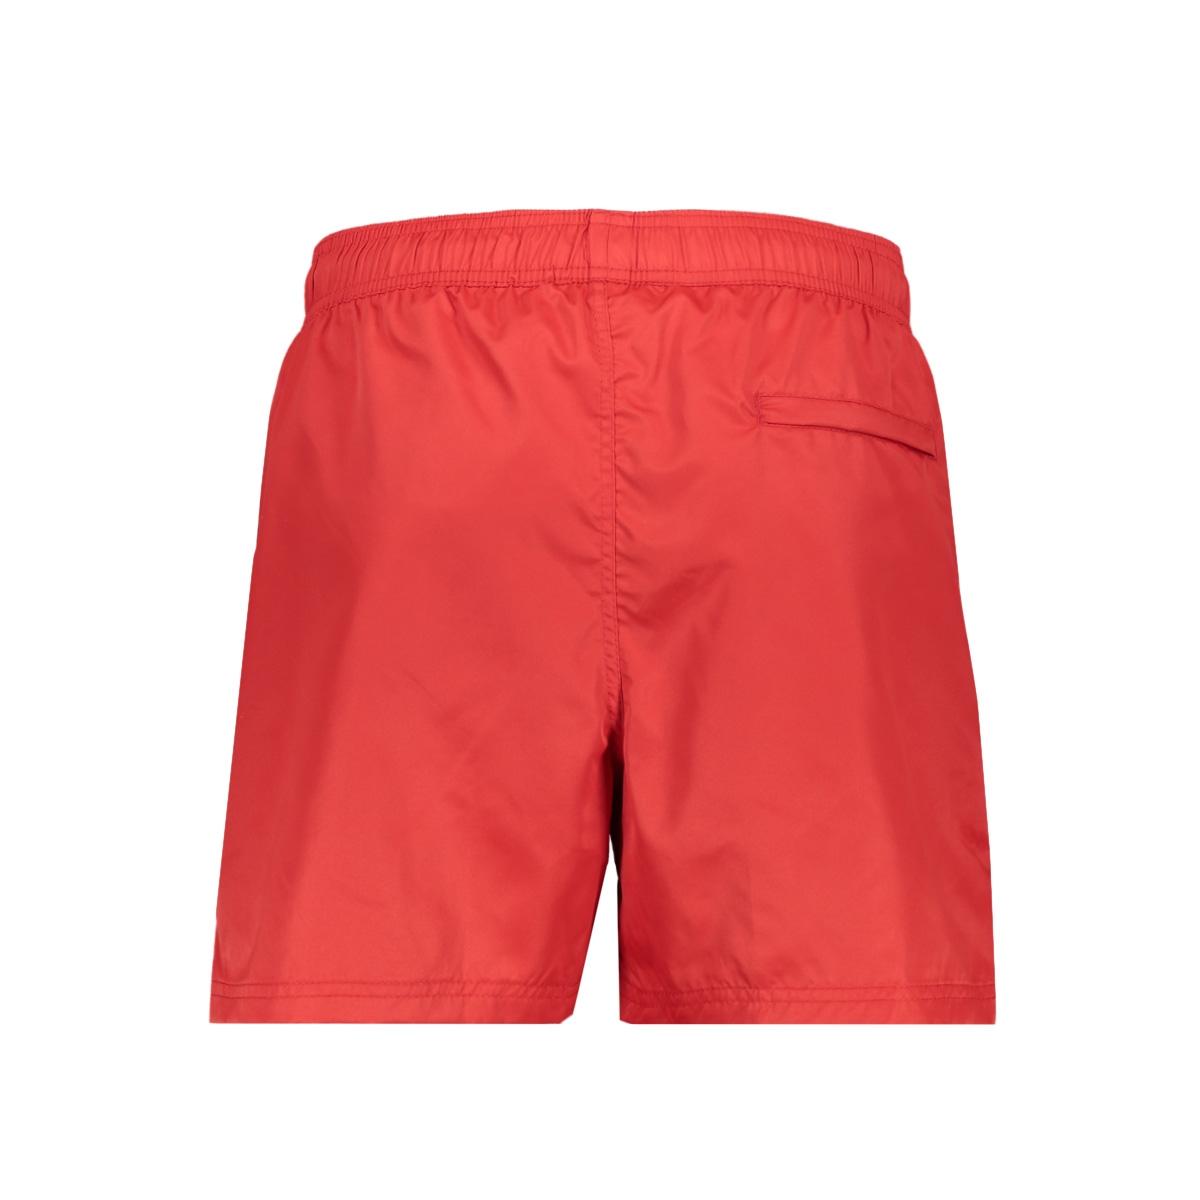 swimshort 81008 gabbiano korte broek red